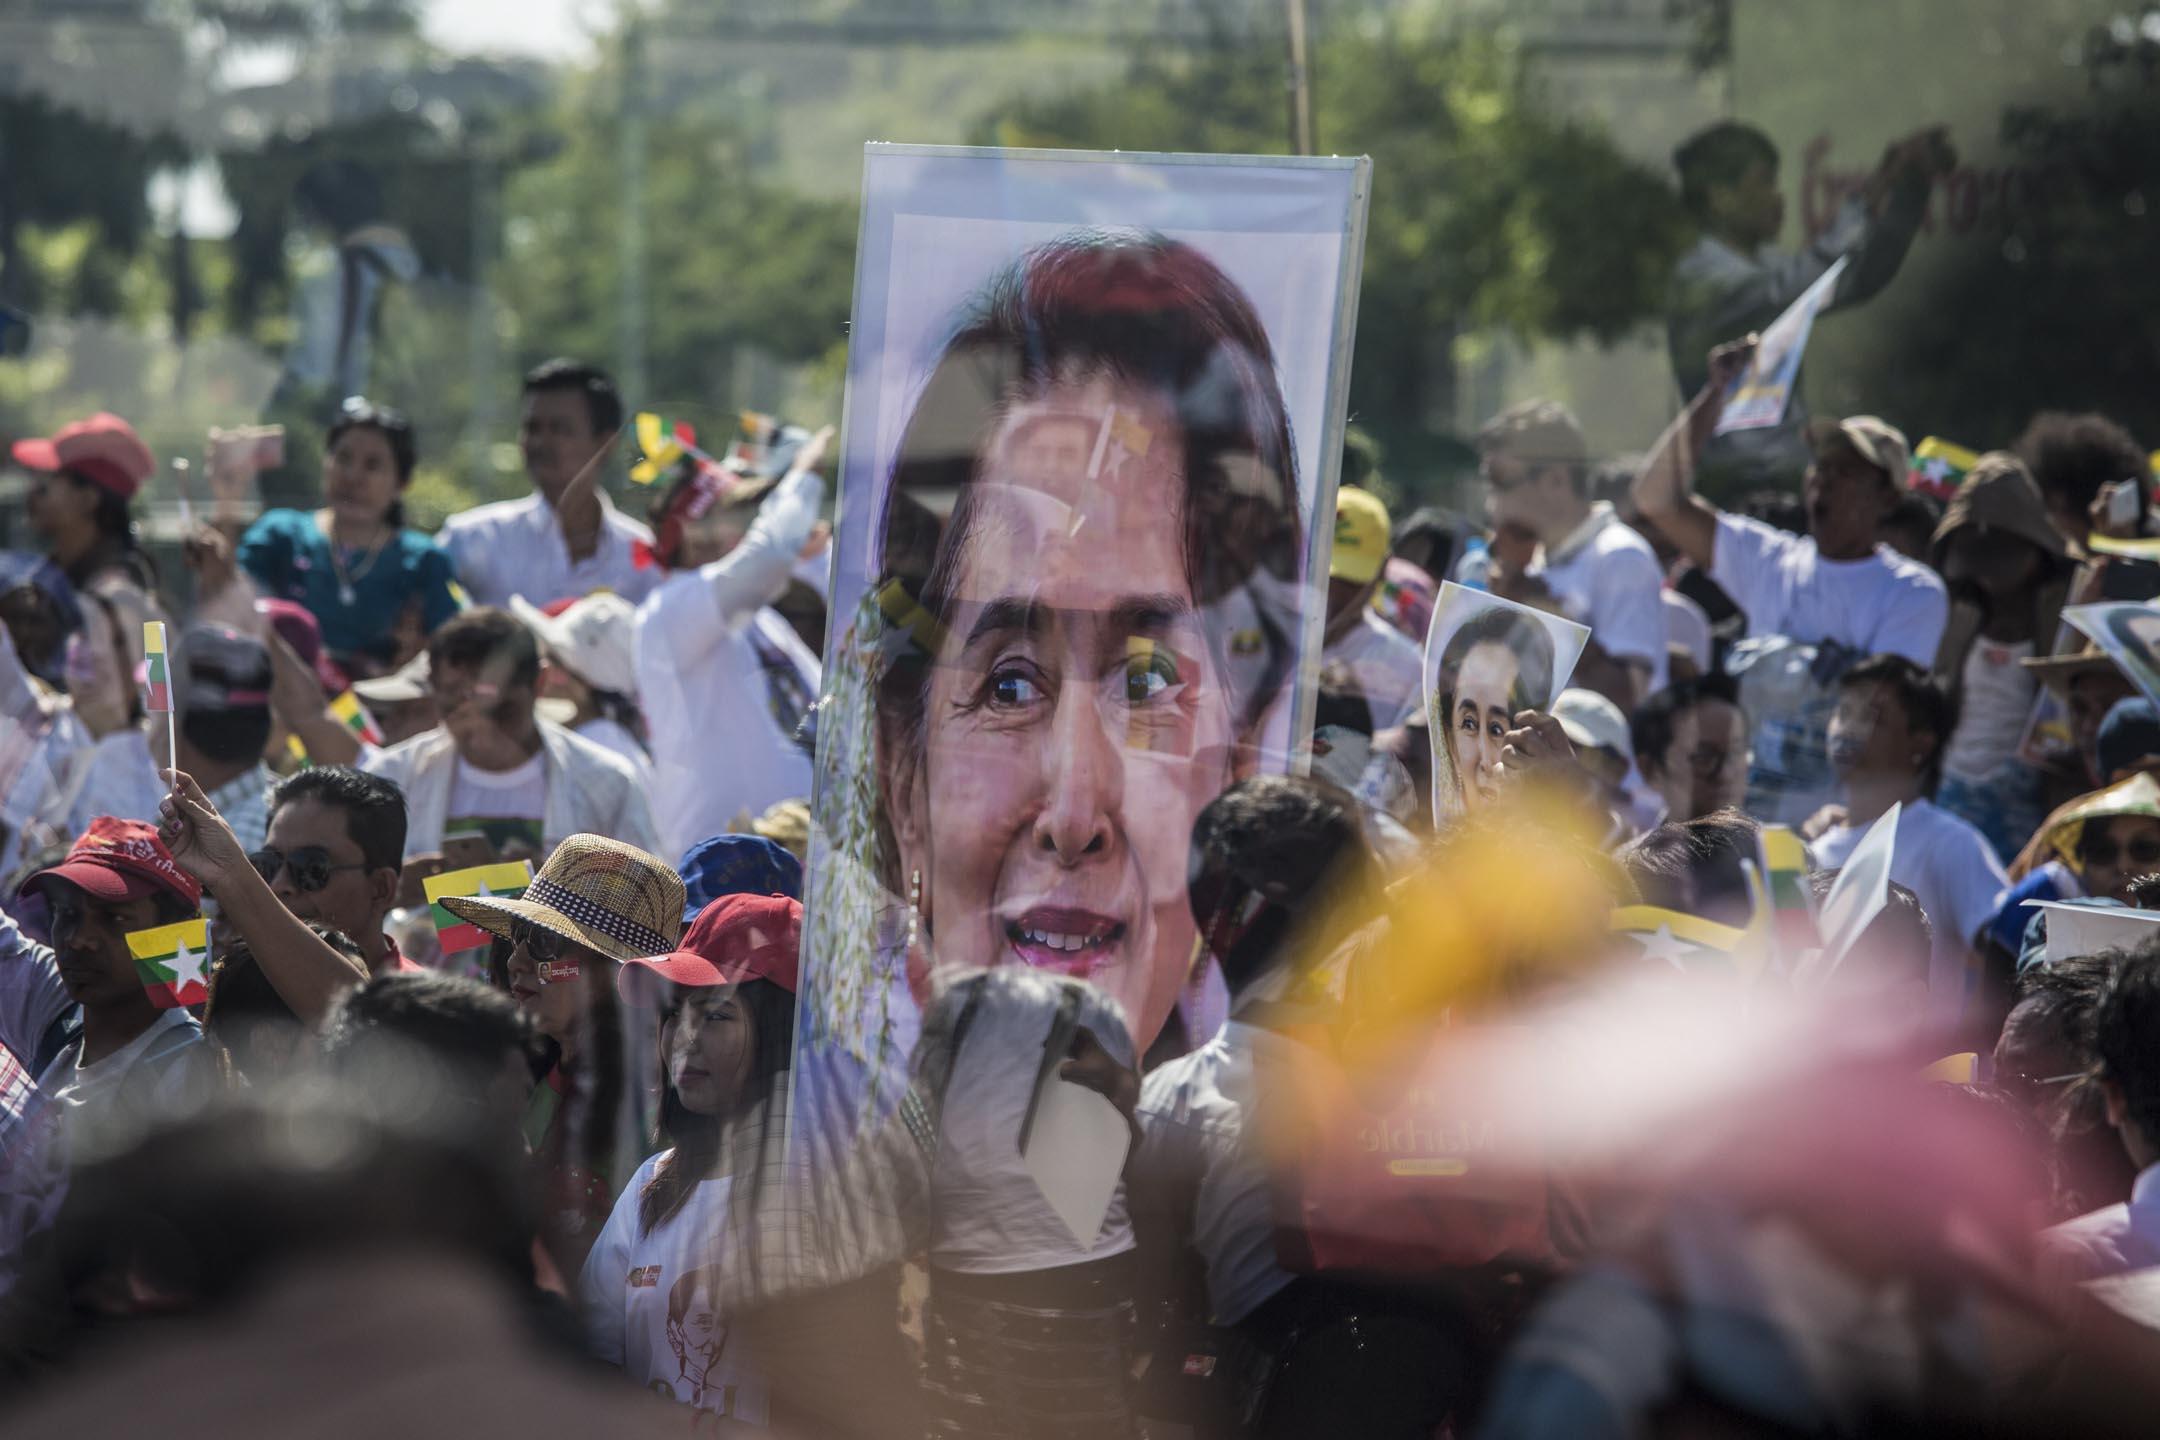 2019年12月10日,緬甸國務資政翁山蘇姬準備出席荷蘭海牙國際法院對於羅興亞事件舉行的聽證會,仰光支持者作出歡送。 攝:Sai Aung Main / AFP